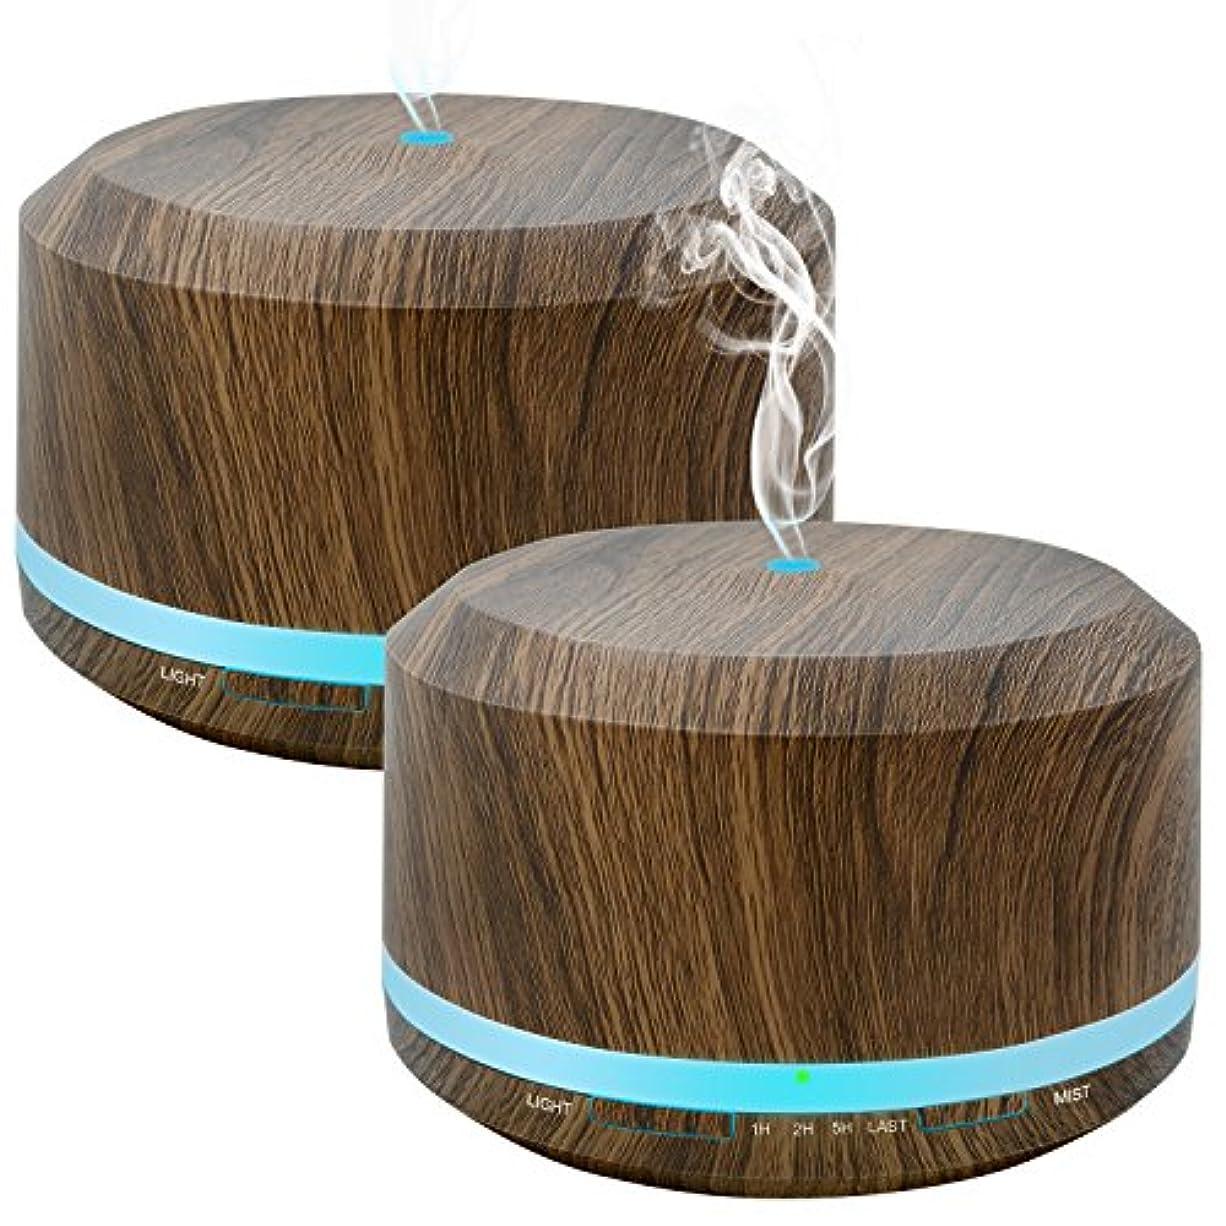 結婚機知に富んだ店主Doukedge エッセンシャルオイル 用 450ミリリットルディフューザーにより自宅寝室オフィス用 ライトを変更する8色 2パック木目アロマクールミスト加湿器ディフューザー